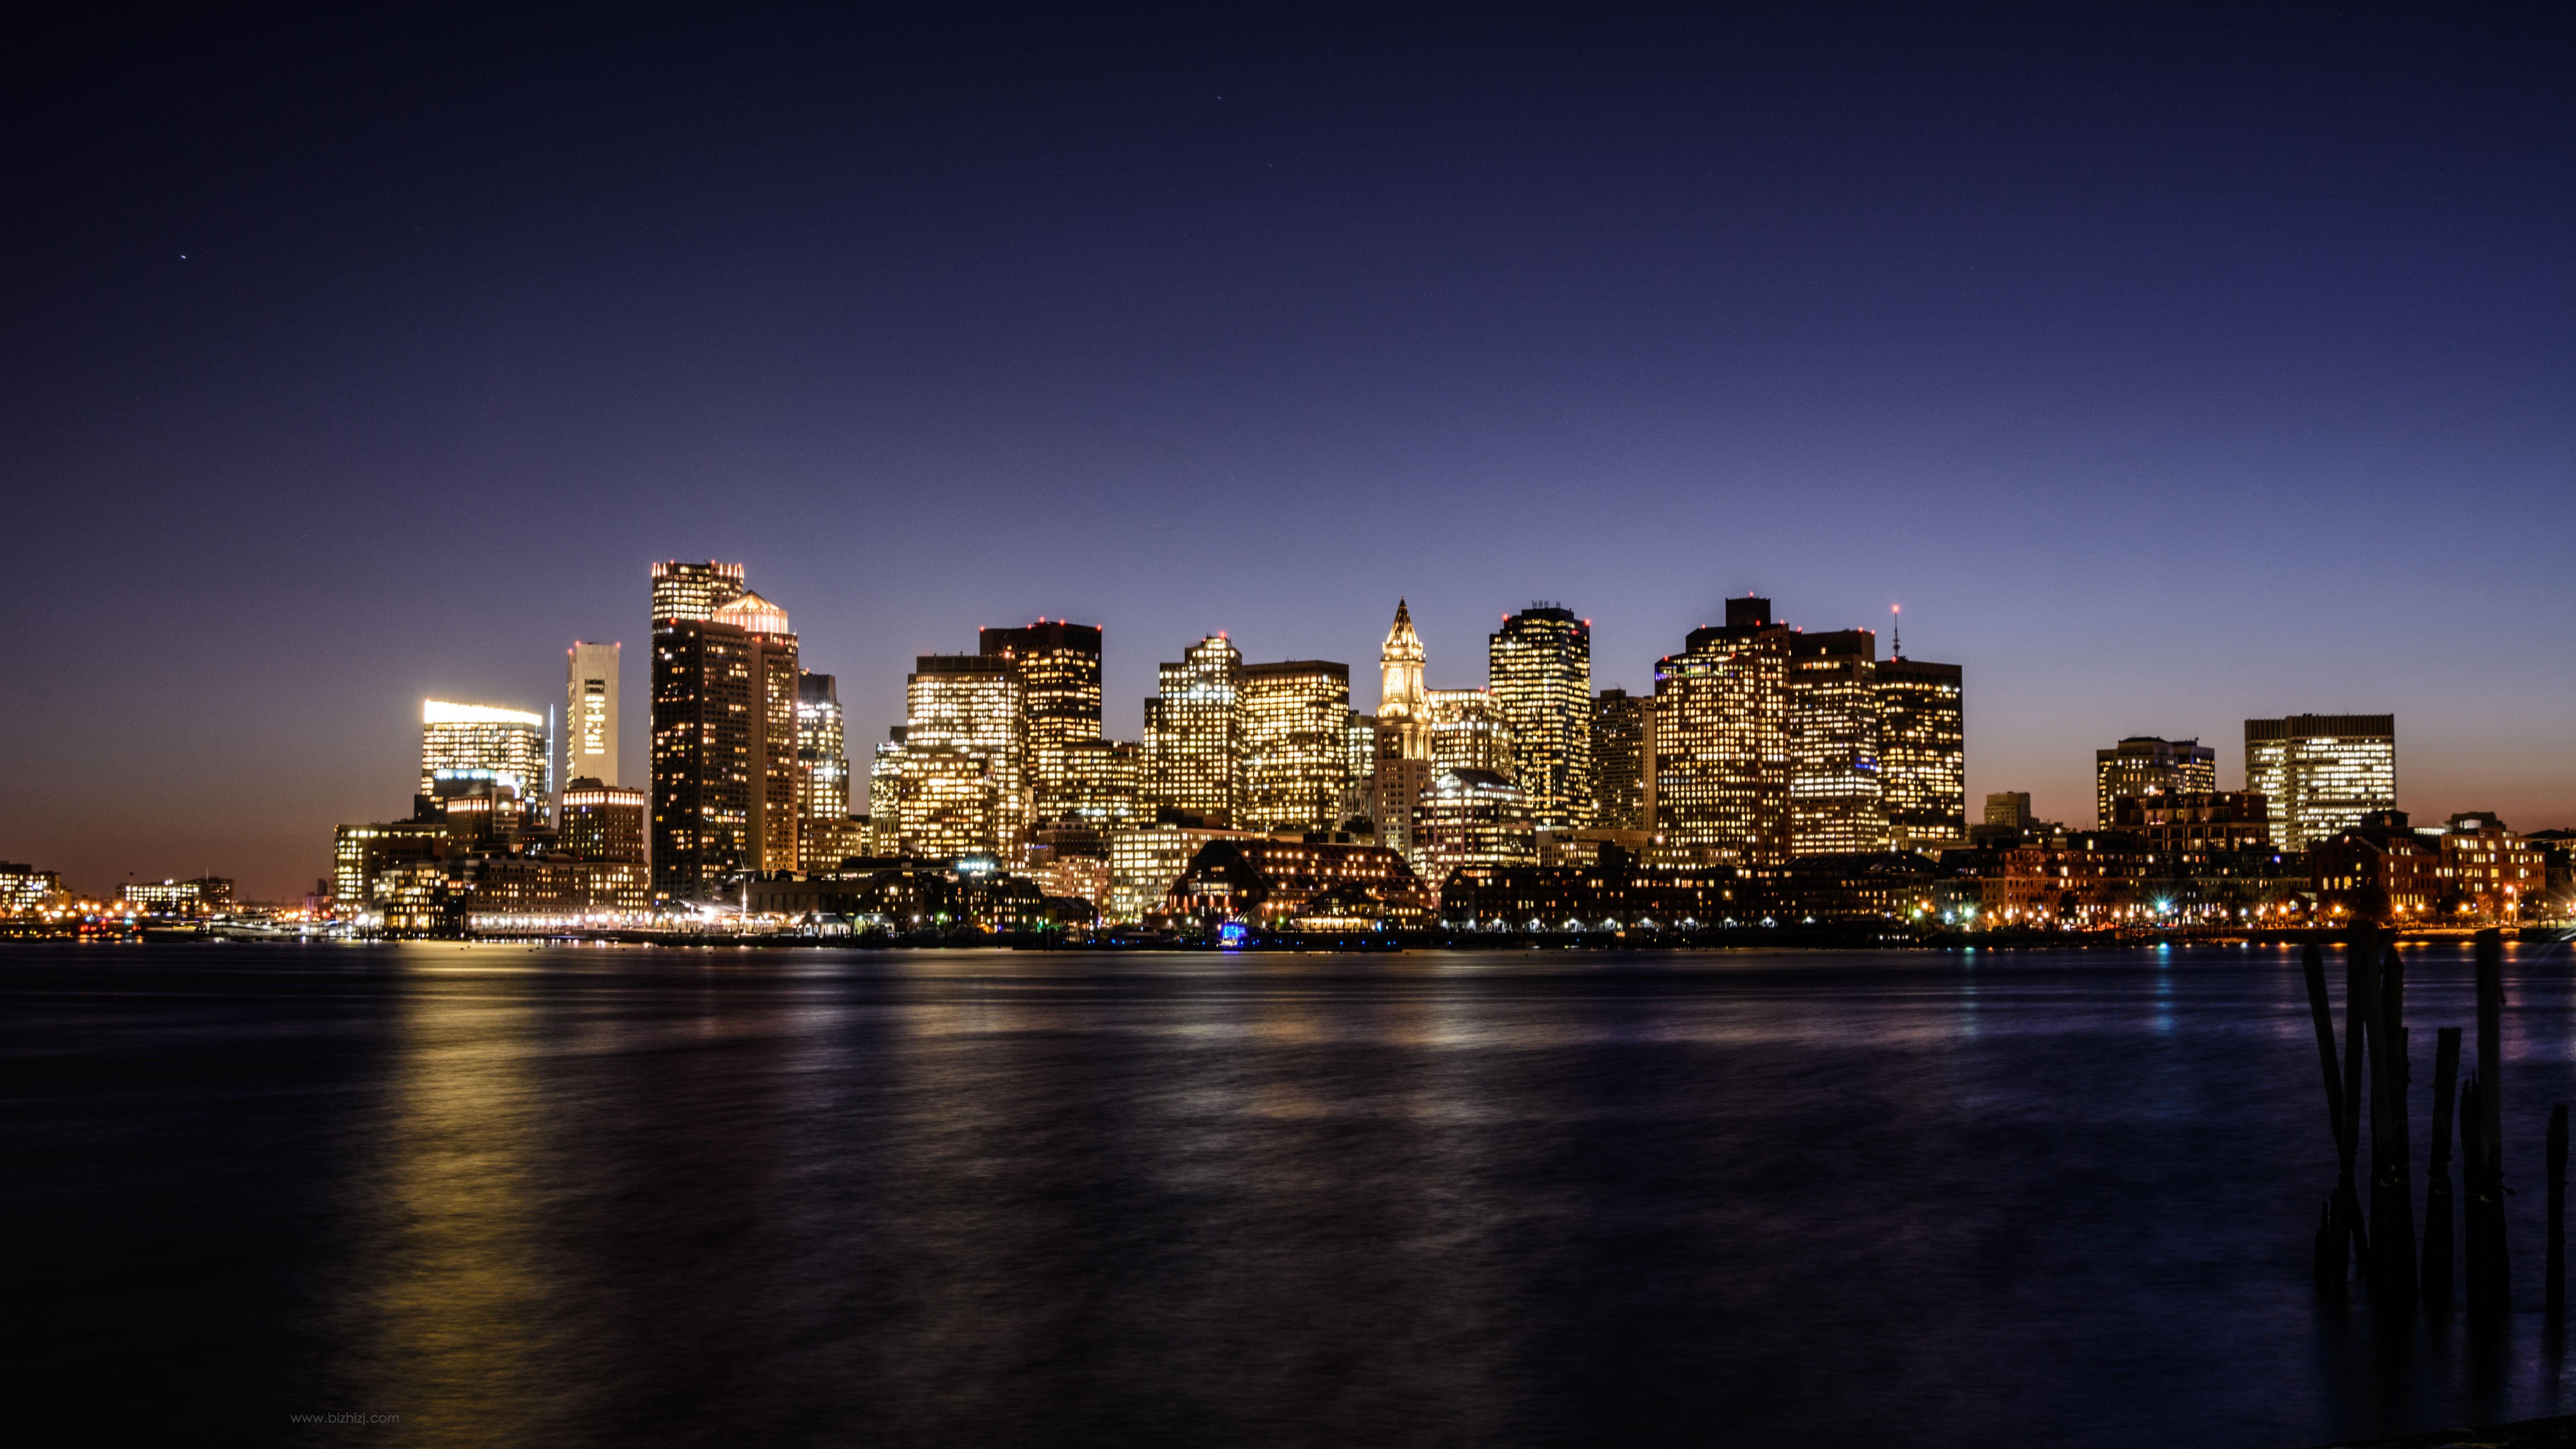 灯光璀璨中的城市图片